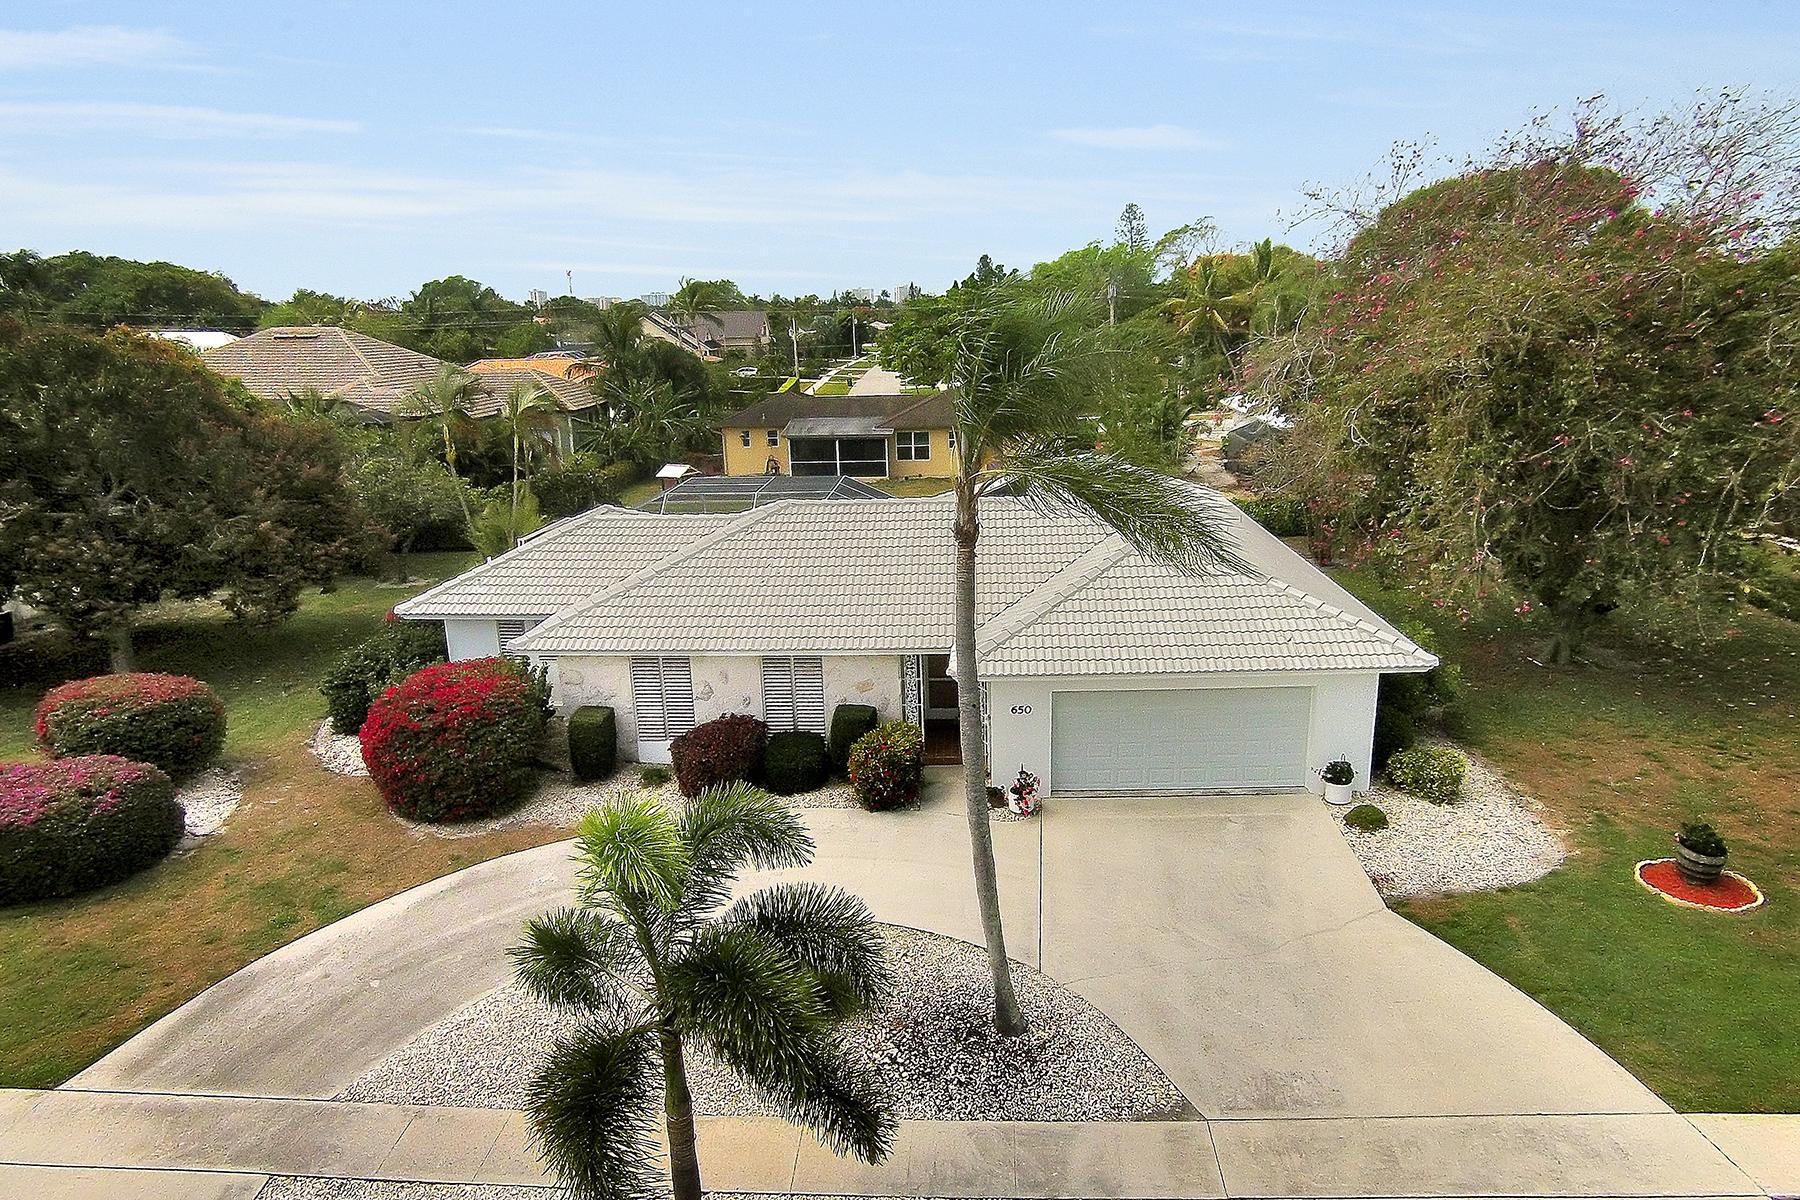 Частный односемейный дом для того Продажа на MARCO ISLAND - BARFIELD DRIVE 650 N Barfield Dr Marco Island, Флорида, 34145 Соединенные Штаты